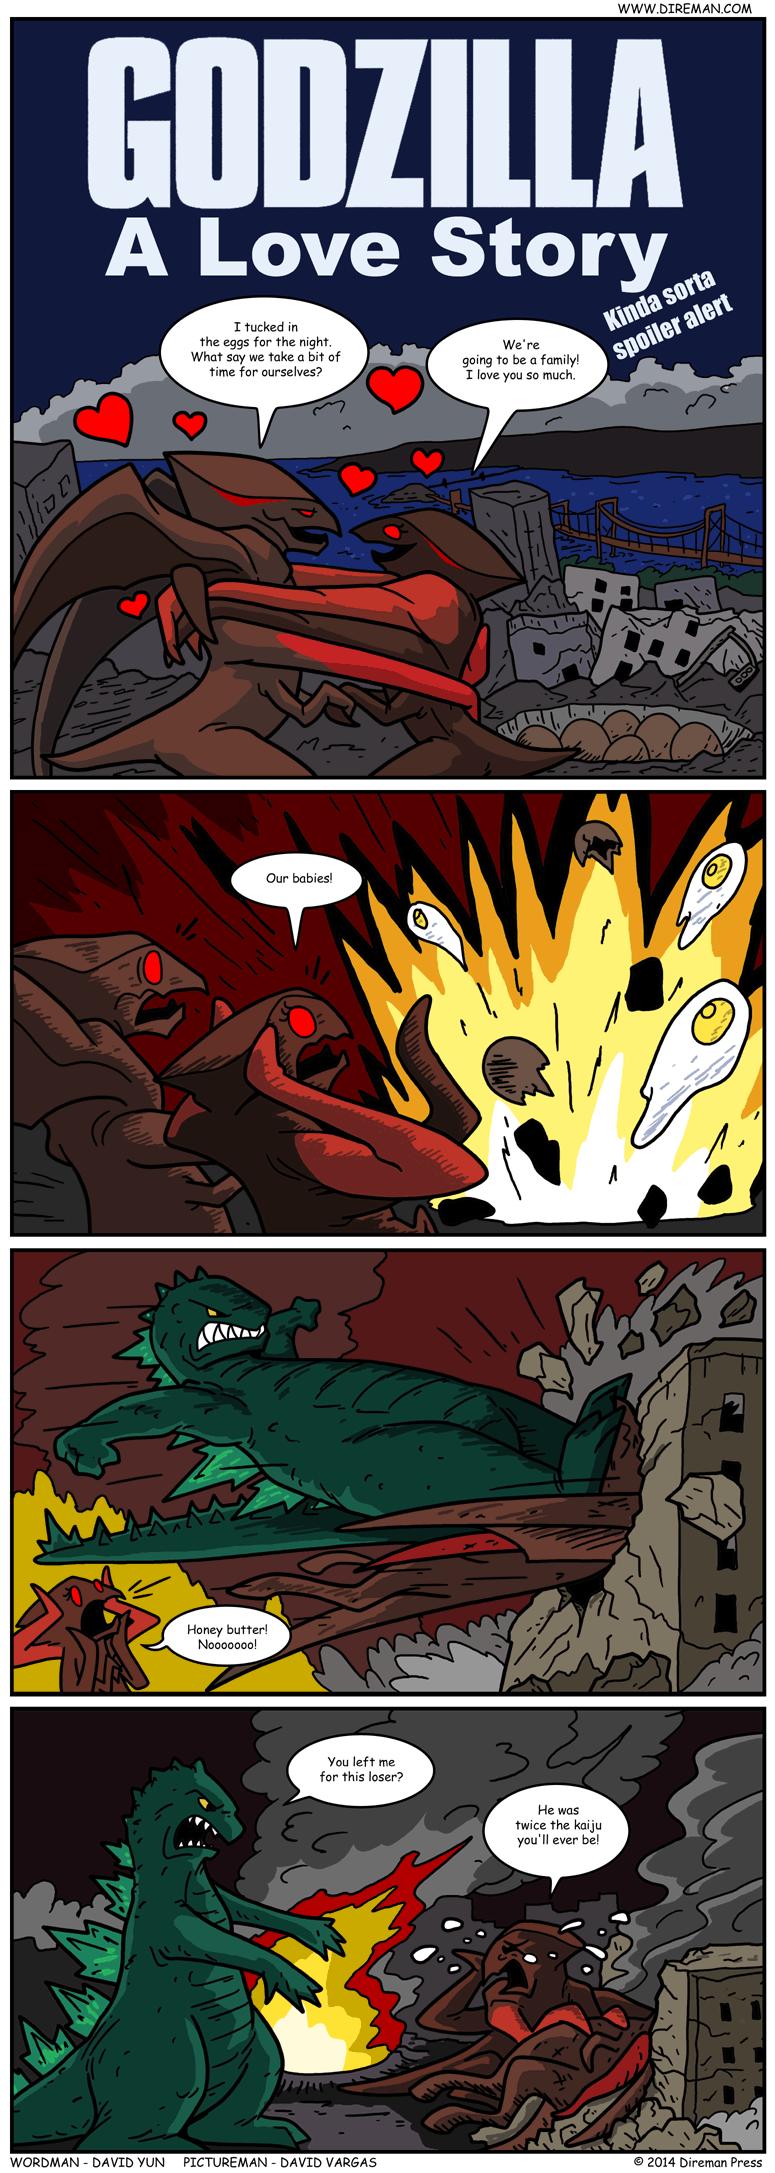 Godzilla: A Love Story